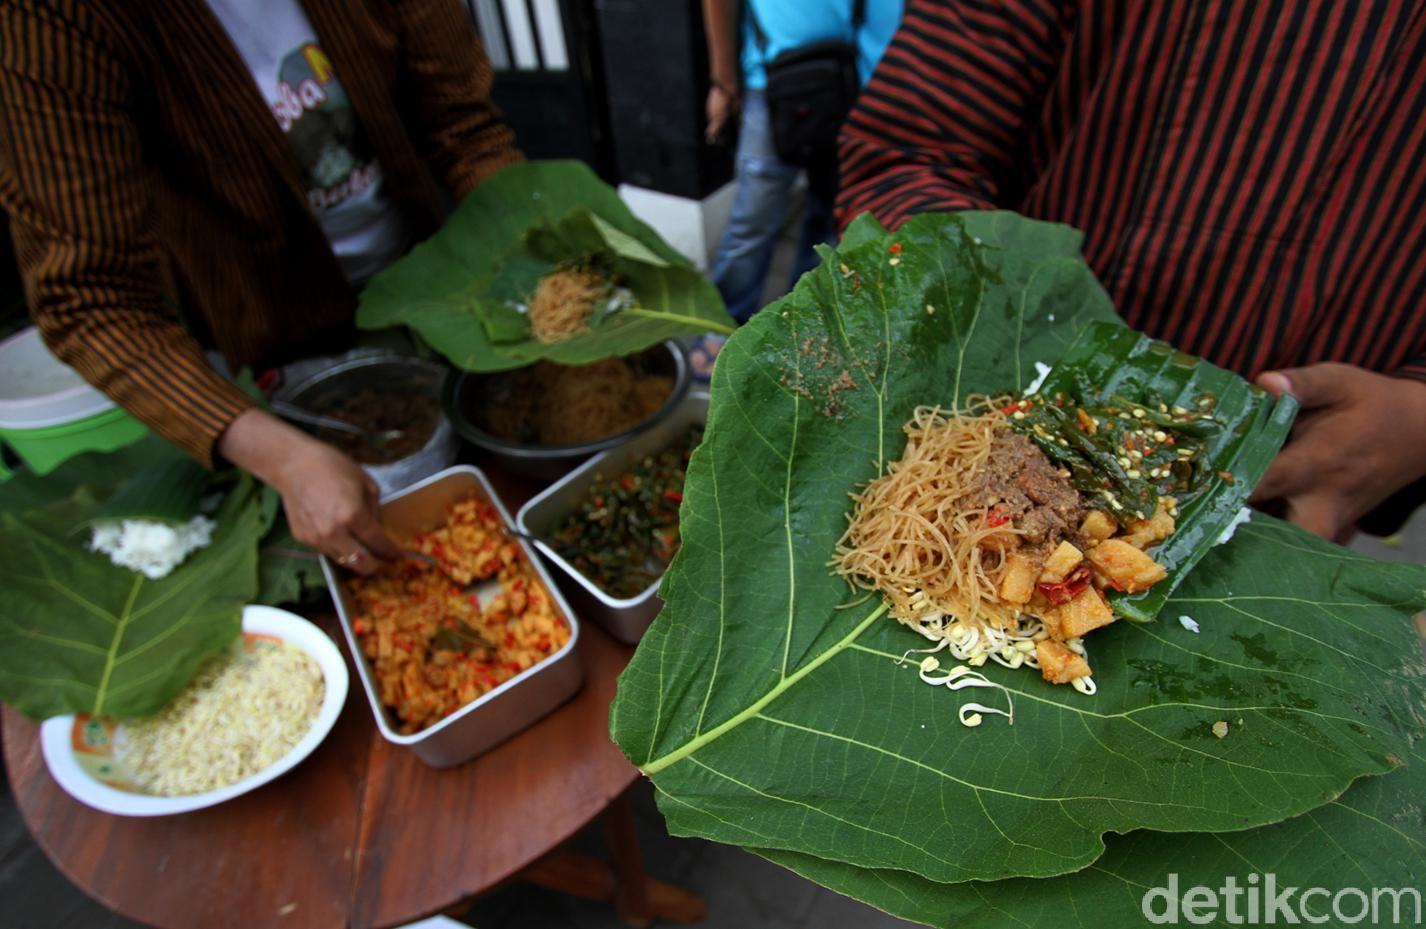 Sejumlah tukang becak antre untuk dapatkan Nasi Berkat di Sukoharjo. Untuk dapatkan Nasi Berkat para tukang becak membawa plastik atau daun jati untuk ditukar.